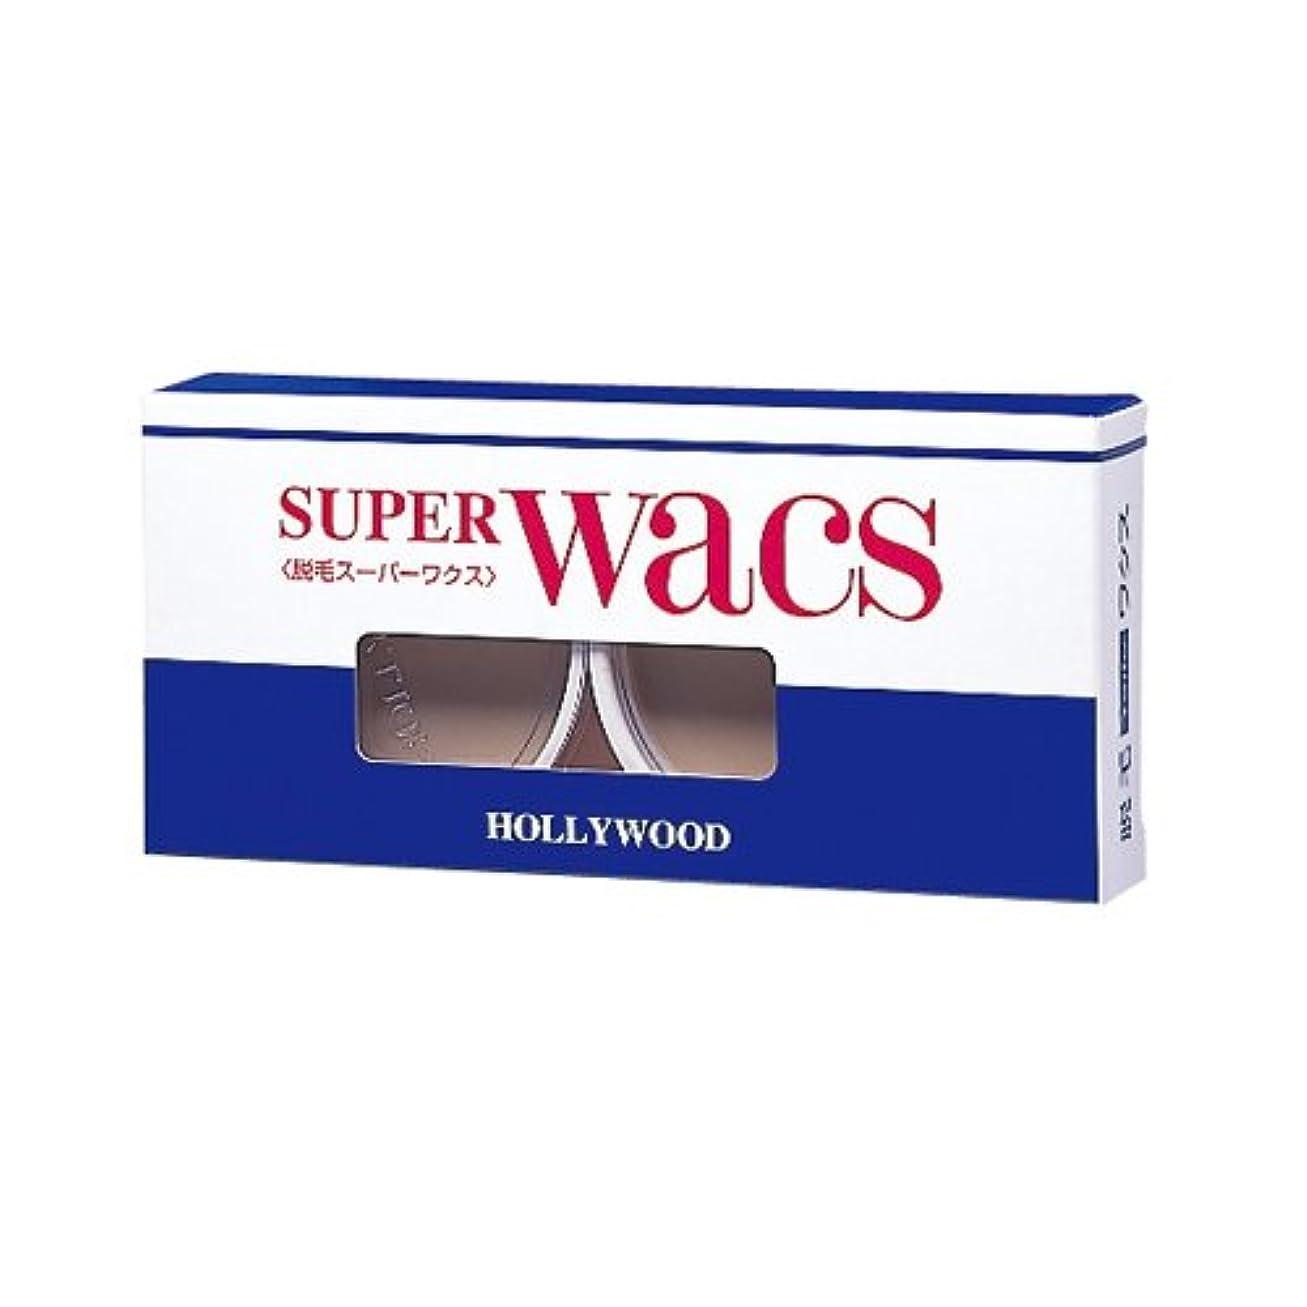 取る薬を飲む近代化ハリウッド 脱毛スーパーワクス (強力) (50g × 2)